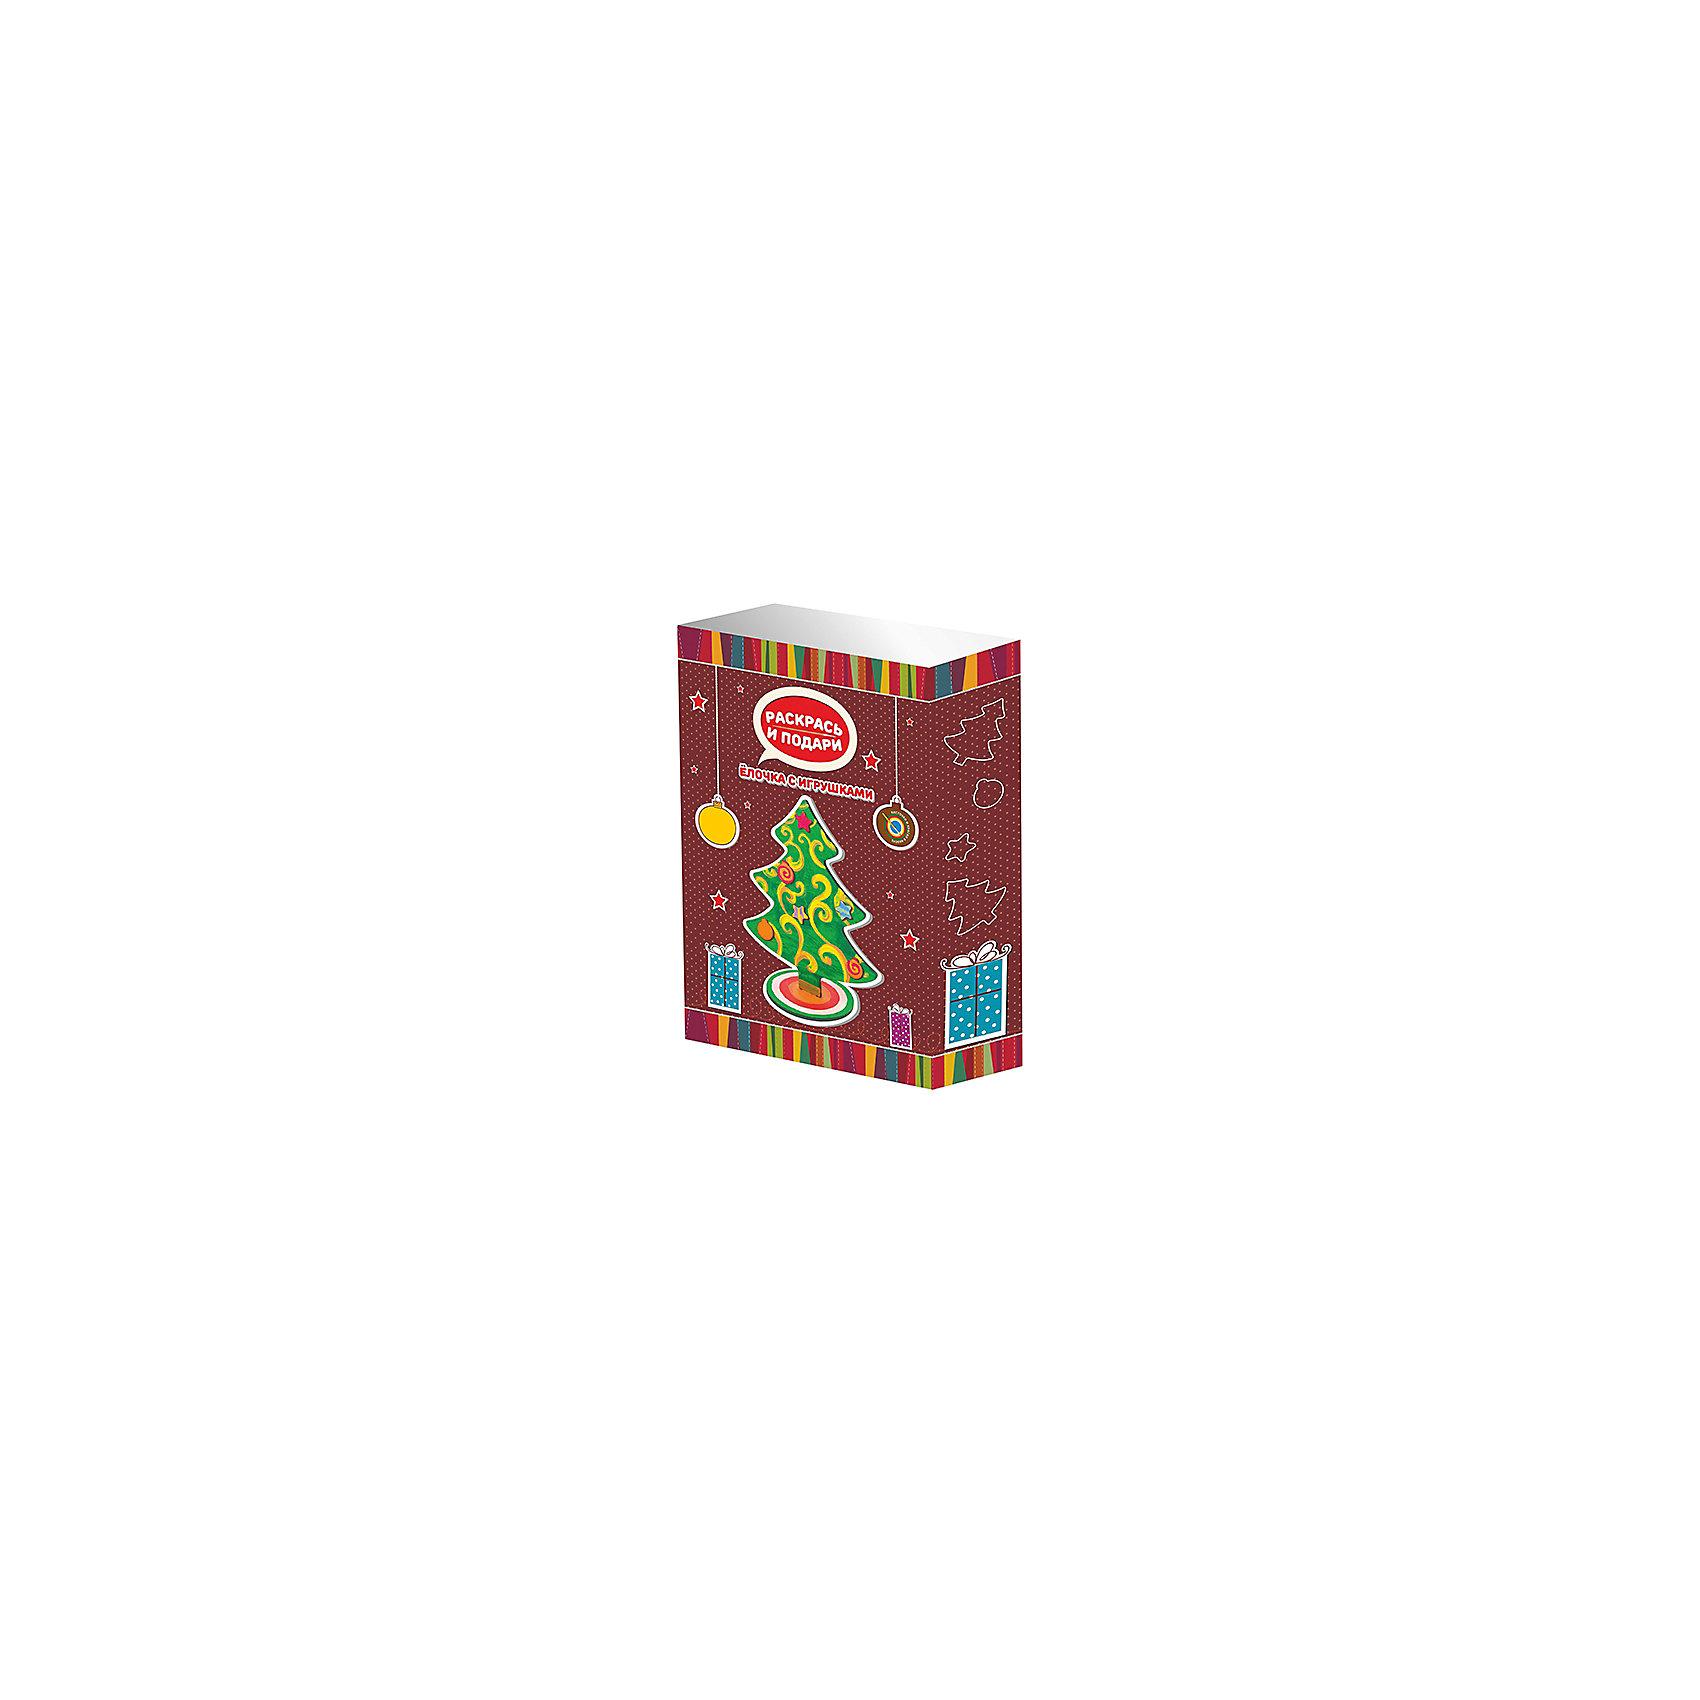 Набор для творчества Раскрась и подари - Елочка с игрушками БумбарамНабор Елочка с игрушками, Бумбарам.<br><br>Характеристики:<br><br>• новогодний сувенир своими руками<br>• краска легко наносится<br>• подходит в качестве подарка<br>• материал: дерево, краска, пластик, клей<br>• в комплекте: елка, игрушки, краски (6 цветов), клей<br>• размер упаковки: 24х17х5 см<br>• вес: 250 грамм<br><br>Набор Елочка с игрушками прекрасно подойдет для детского творчества в преддверии Нового года. В процессе игры ребенку предстоит раскрасить все детали и прикрепить игрушки к елочке с помощью клея. Готовой поделкой можно украсить свою комнату или подарить ее близкому человеку. Подарите ребенку возможность сделать красочный сувенир своими руками!<br><br>Вы можете купить набор Елочка с игрушками, Бумбарам в нашем интернет-магазине.<br><br>Ширина мм: 245<br>Глубина мм: 165<br>Высота мм: 50<br>Вес г: 250<br>Возраст от месяцев: 72<br>Возраст до месяцев: 144<br>Пол: Унисекс<br>Возраст: Детский<br>SKU: 5054028